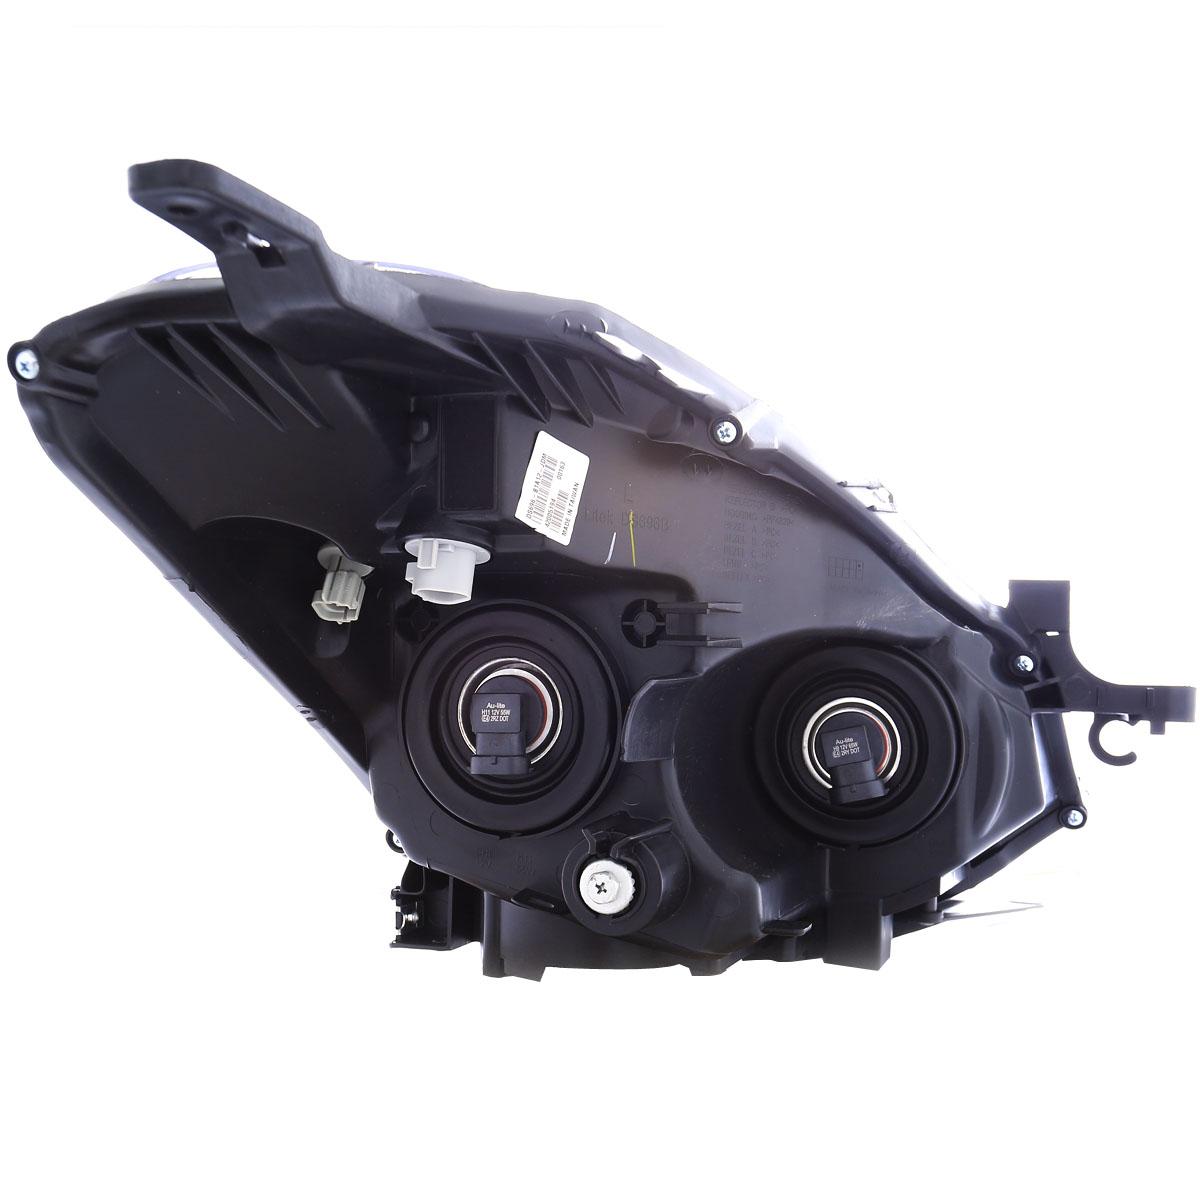 Fit 2010 2011 2012 2013 Nissan Altima 2dr Coupe Black